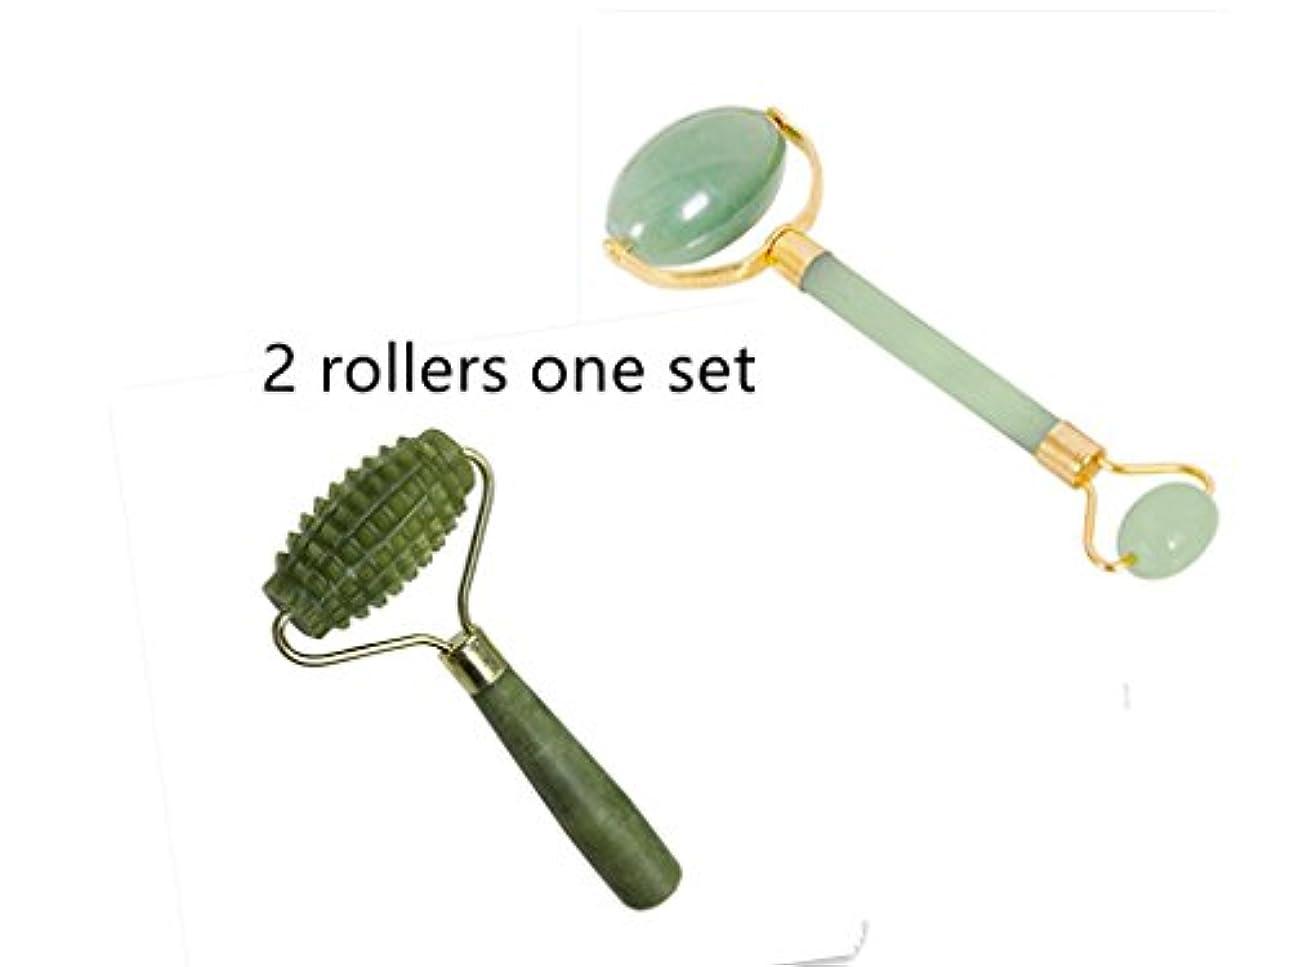 勧告代表団放射性Echo & Kern 2点翡翠フェイスマッサジギザギザ付きでローラー 2pcs one set Double head Jade Roller and one single head Jade roller